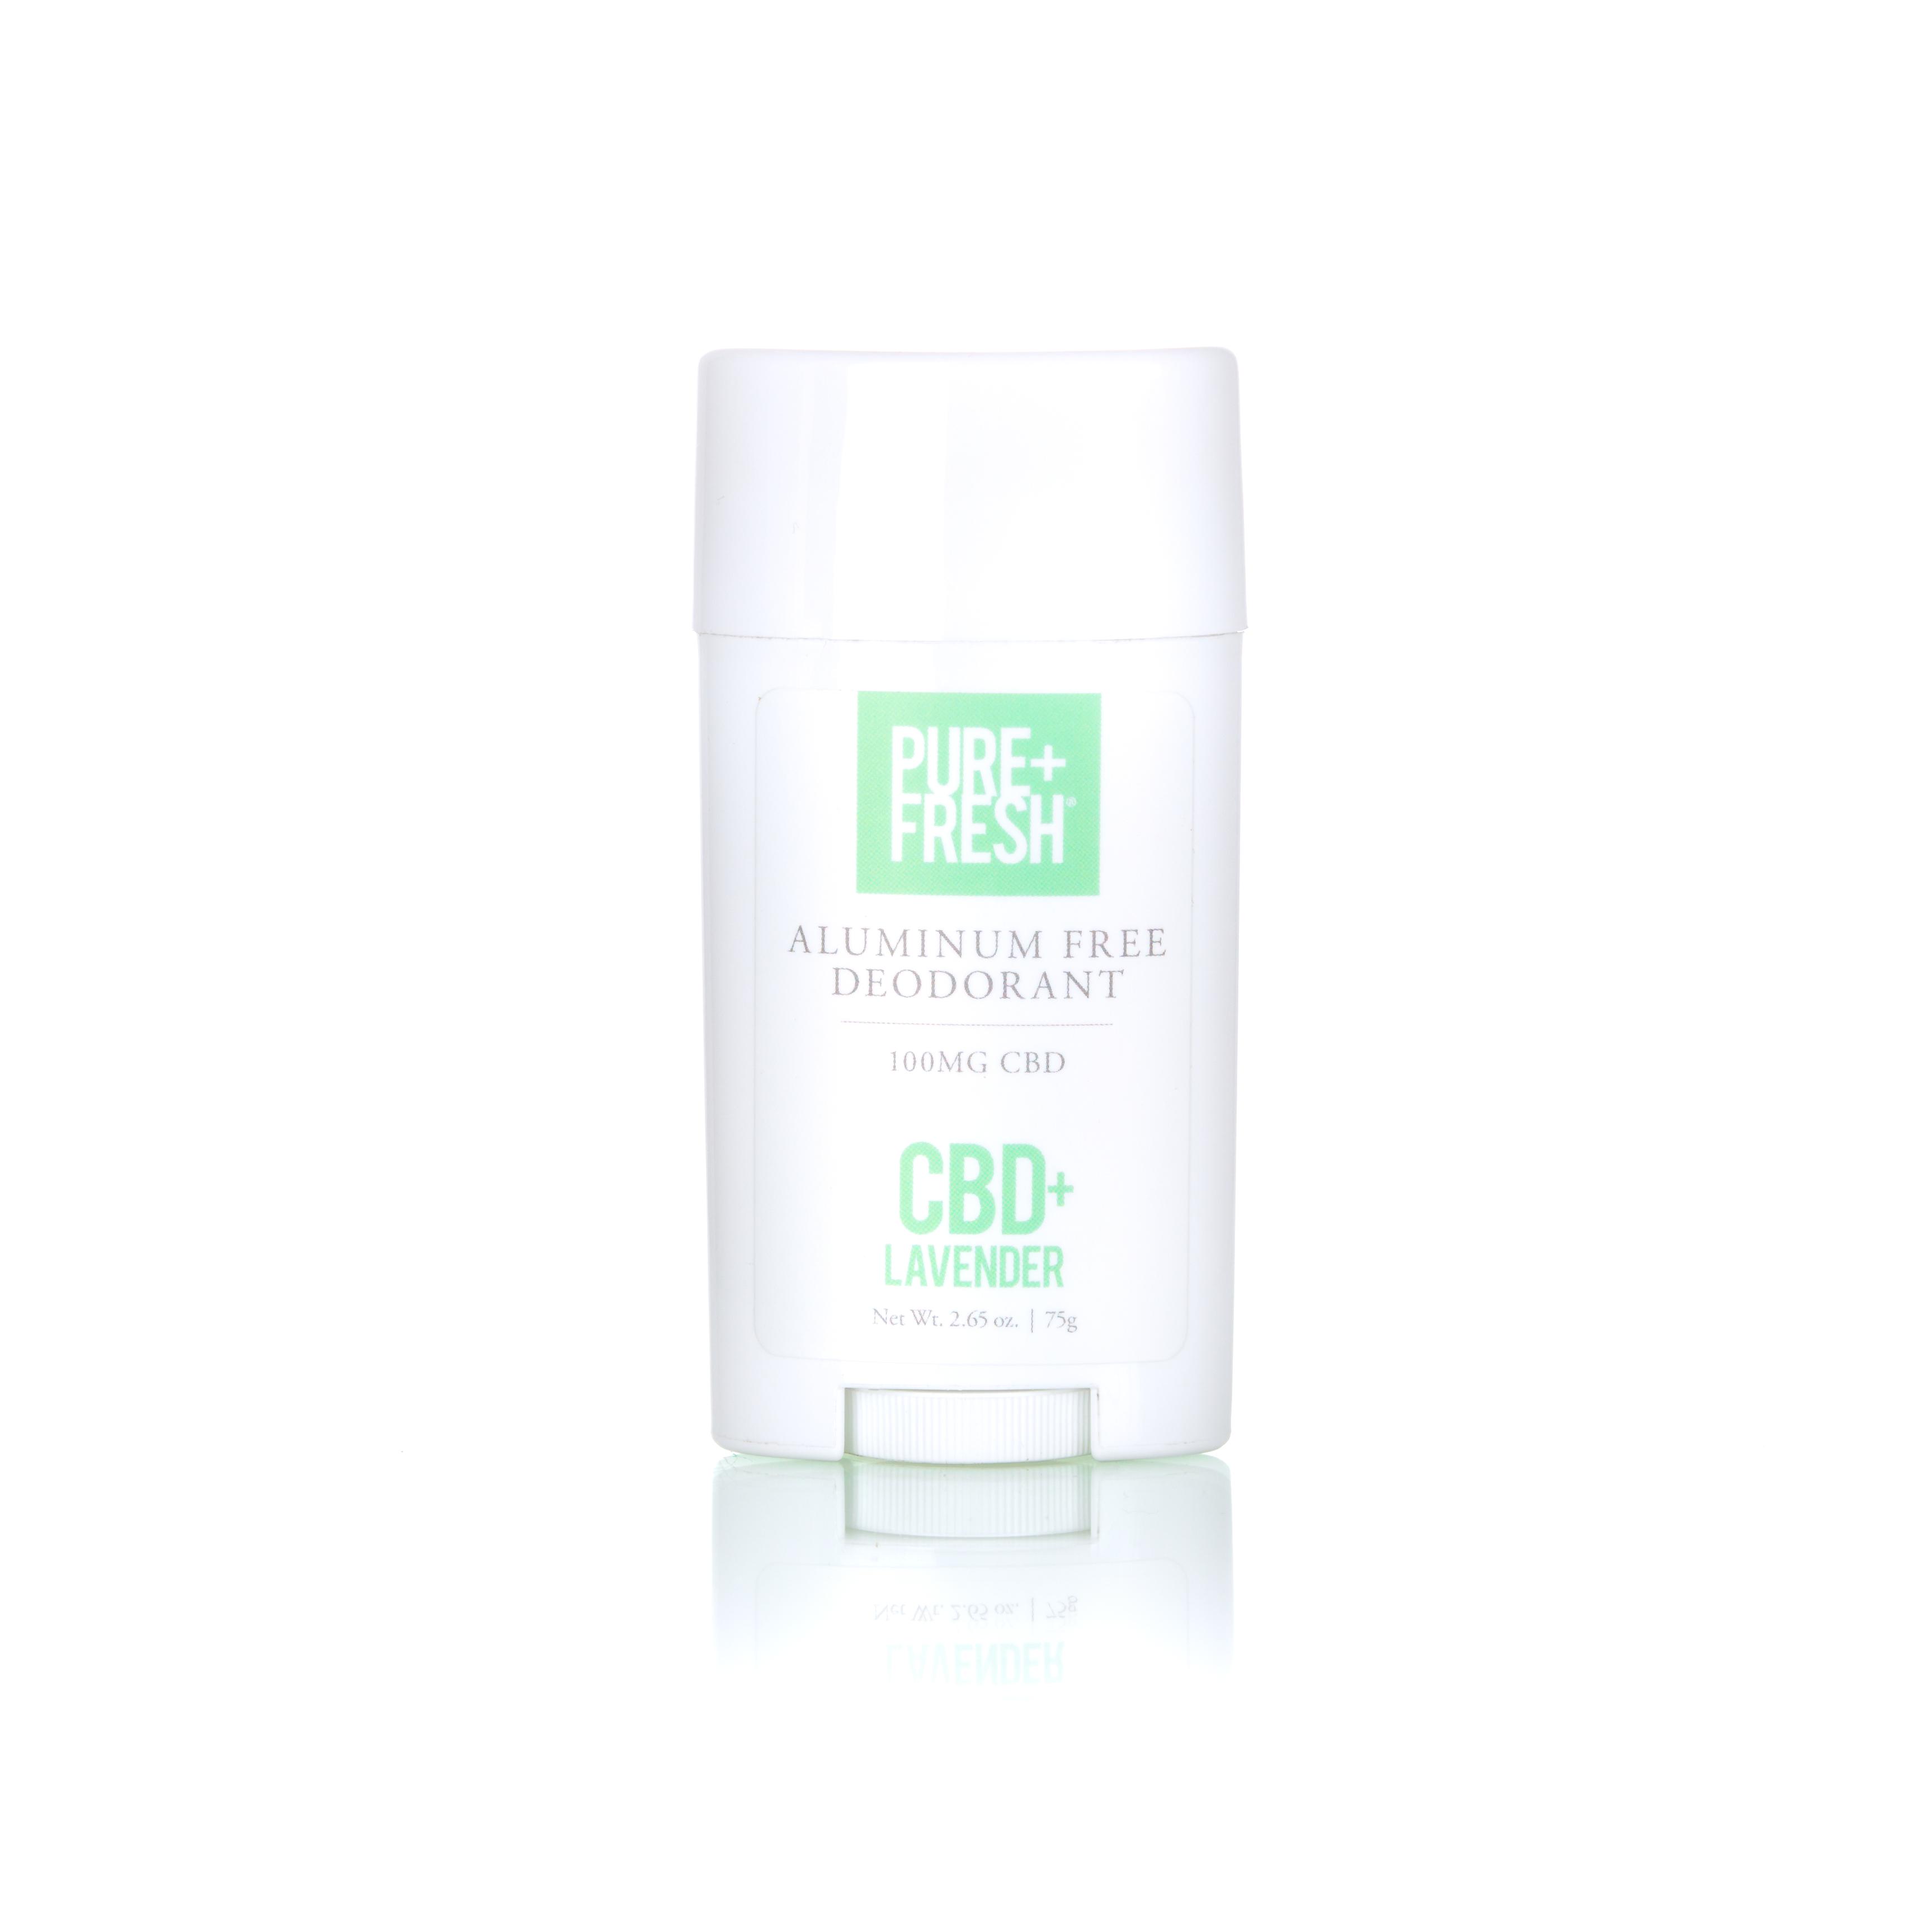 Aluminum-Free CBD Deodorant [Lavender]